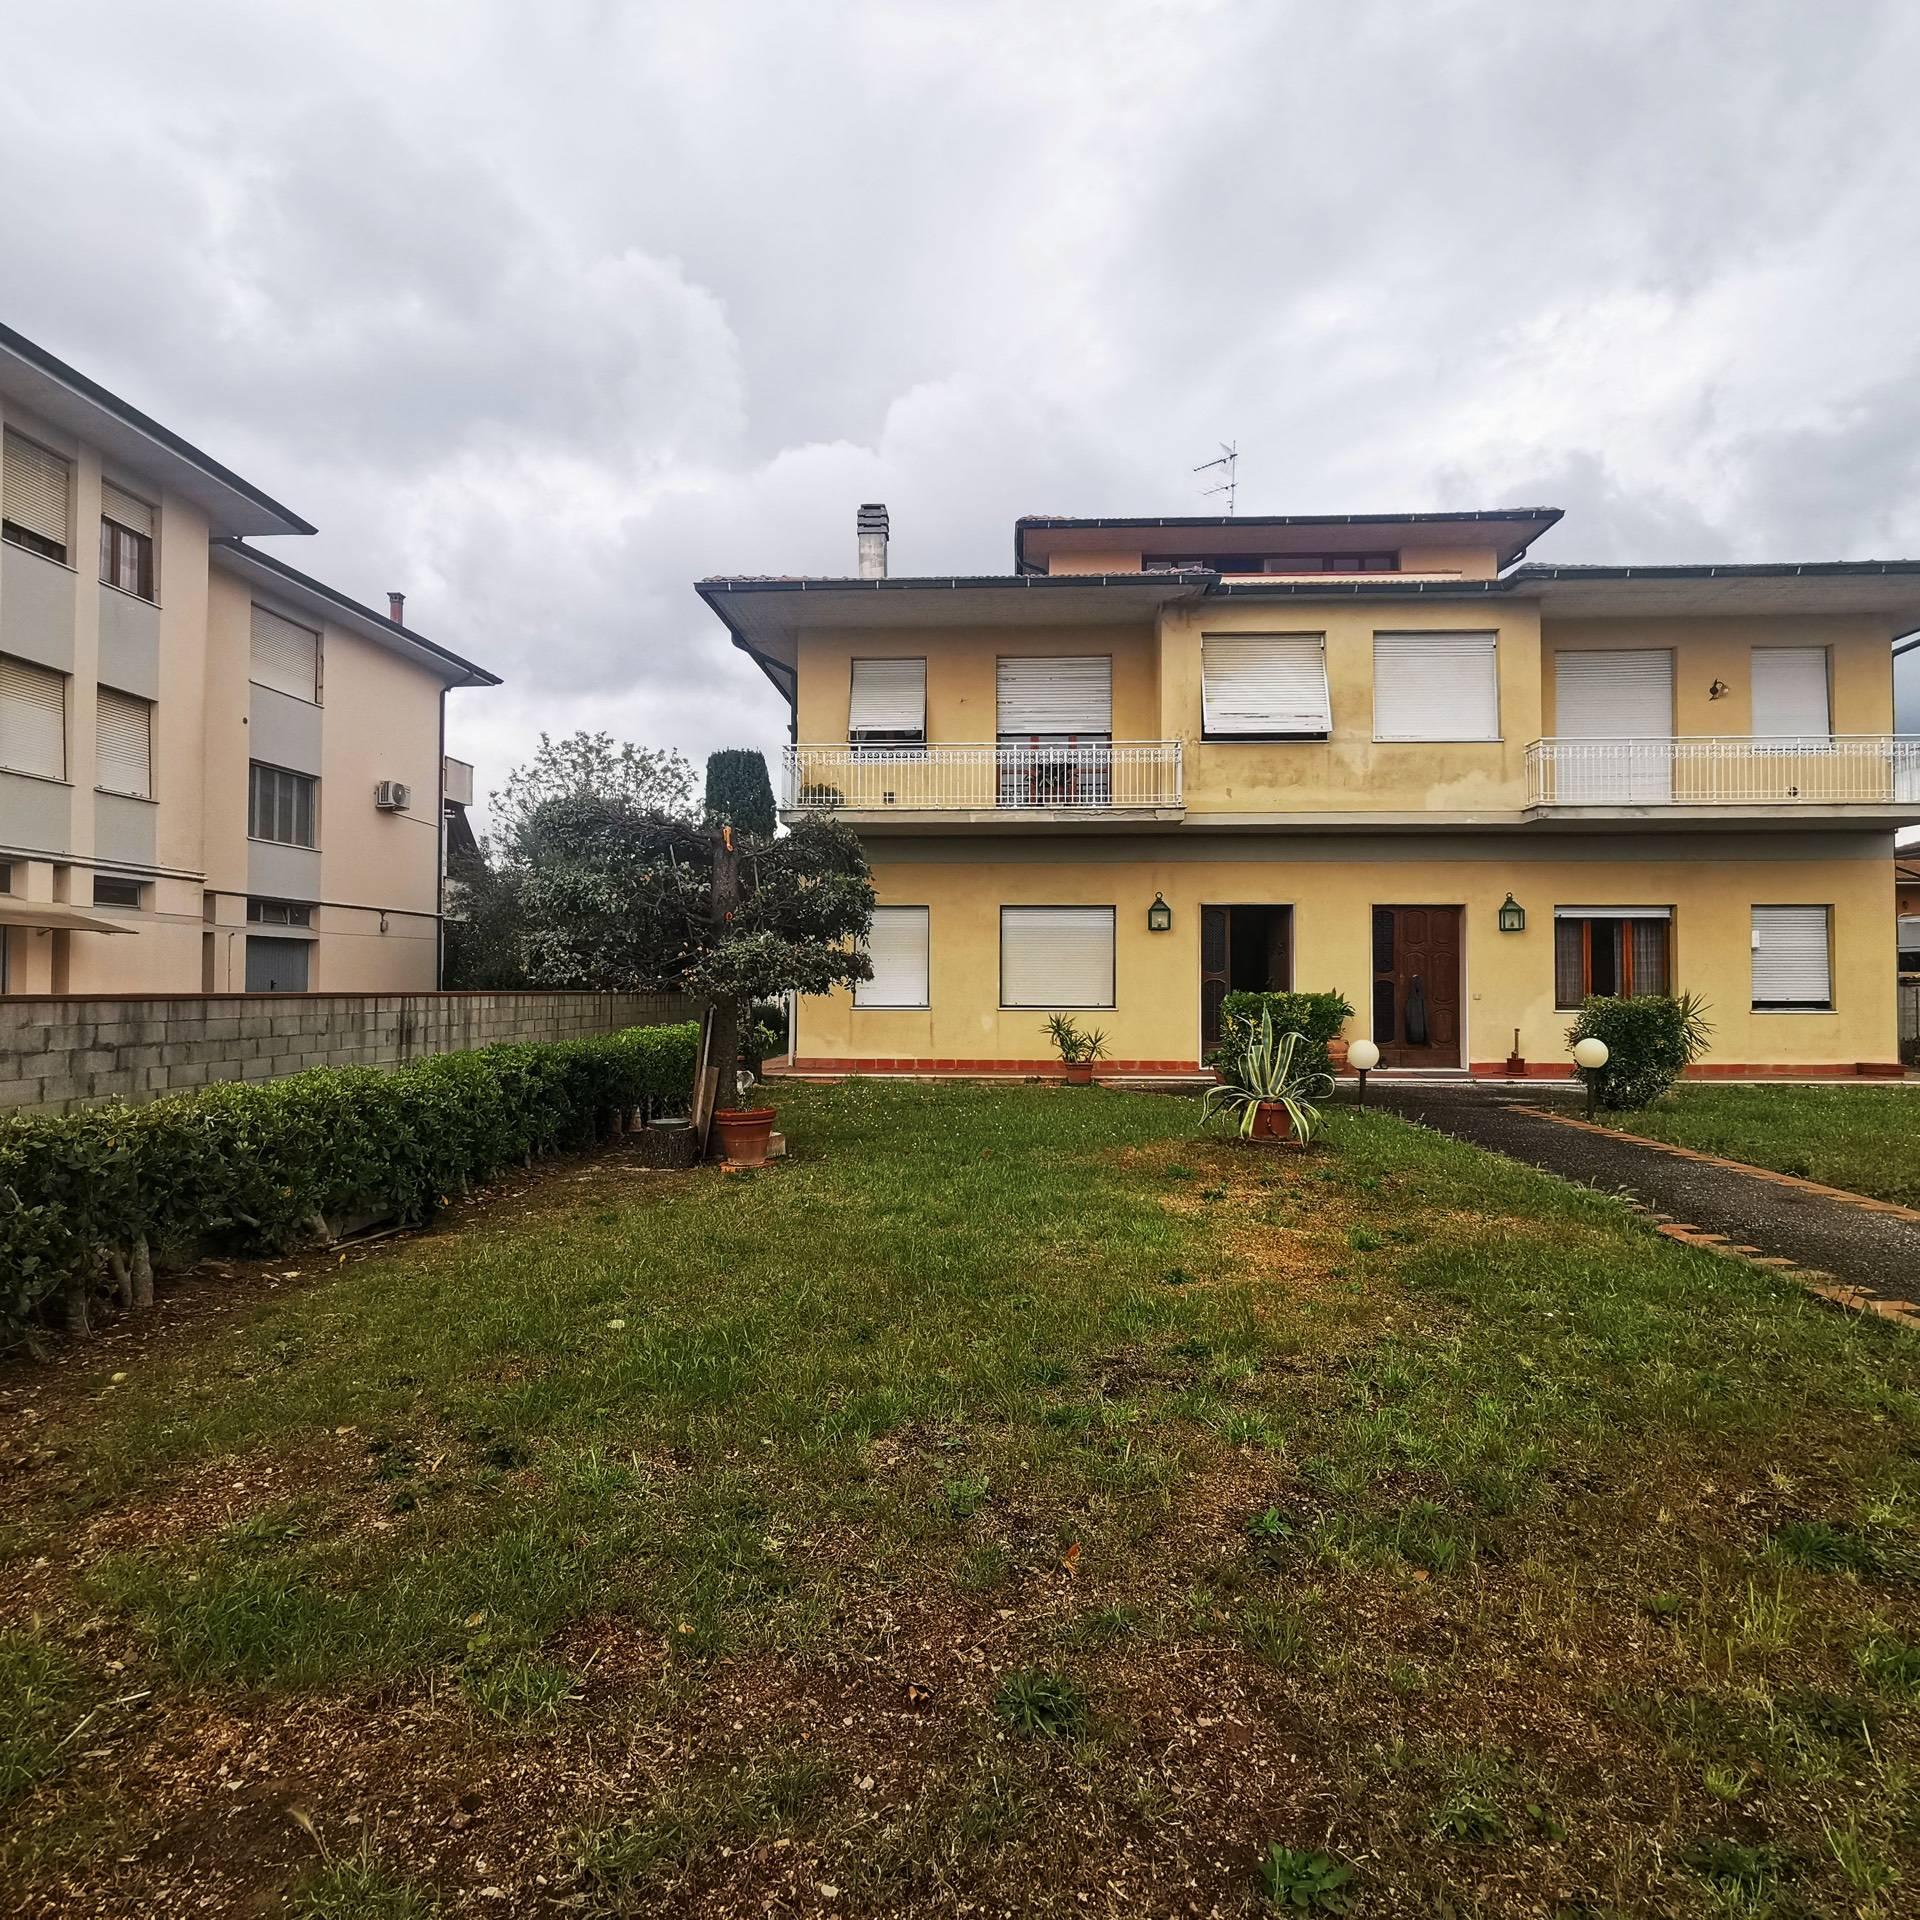 Appartamento in vendita a Ponsacco, 7 locali, zona Località: Lemelorie, prezzo € 178.000   PortaleAgenzieImmobiliari.it